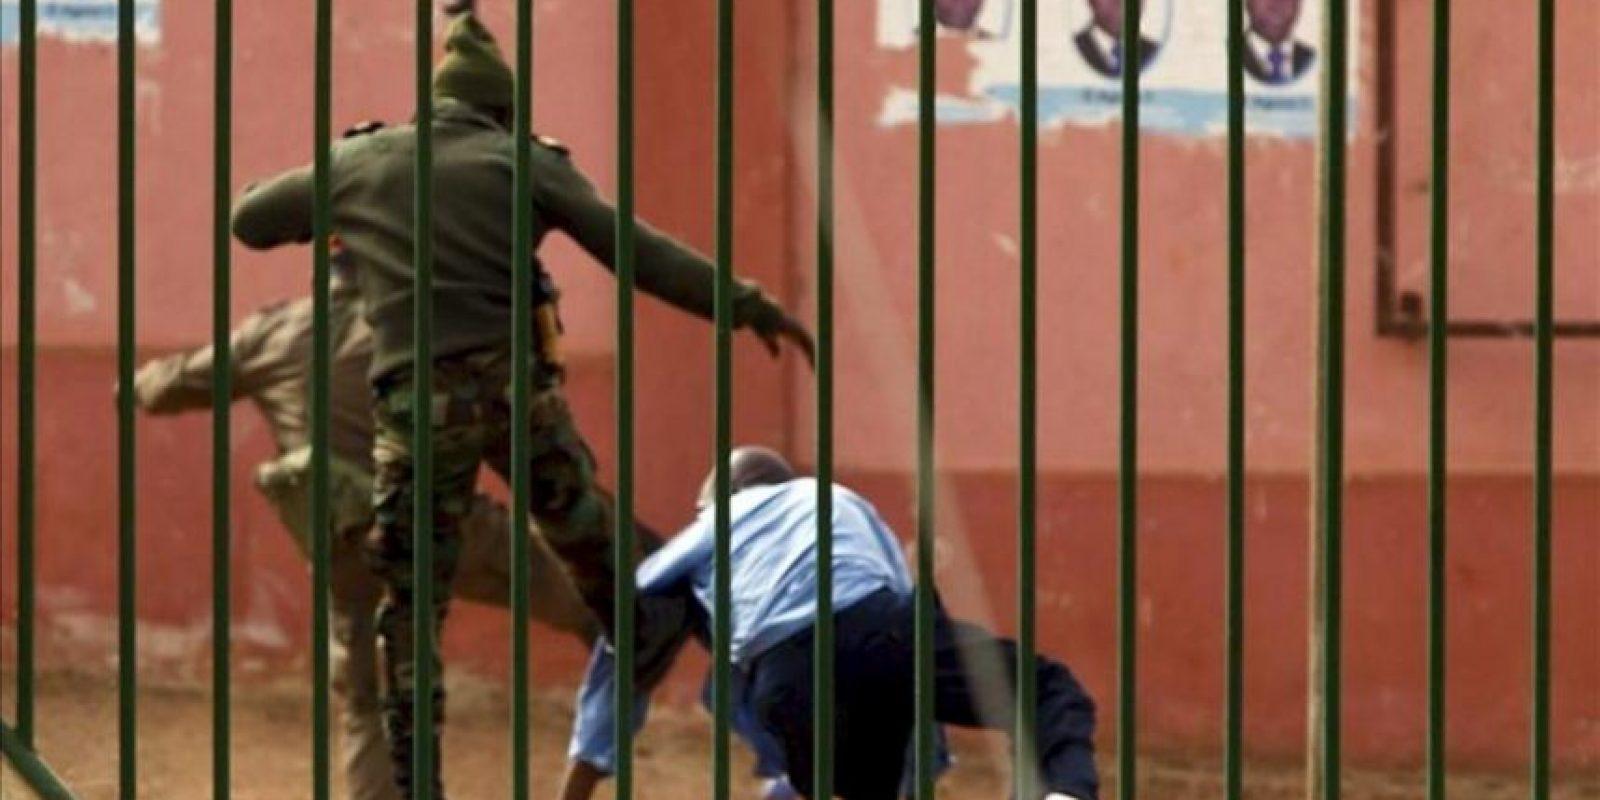 Soldados dispersando a un grupo de manifestantes que protestaban contra la situación política del país, hoy en Bissau. EFE